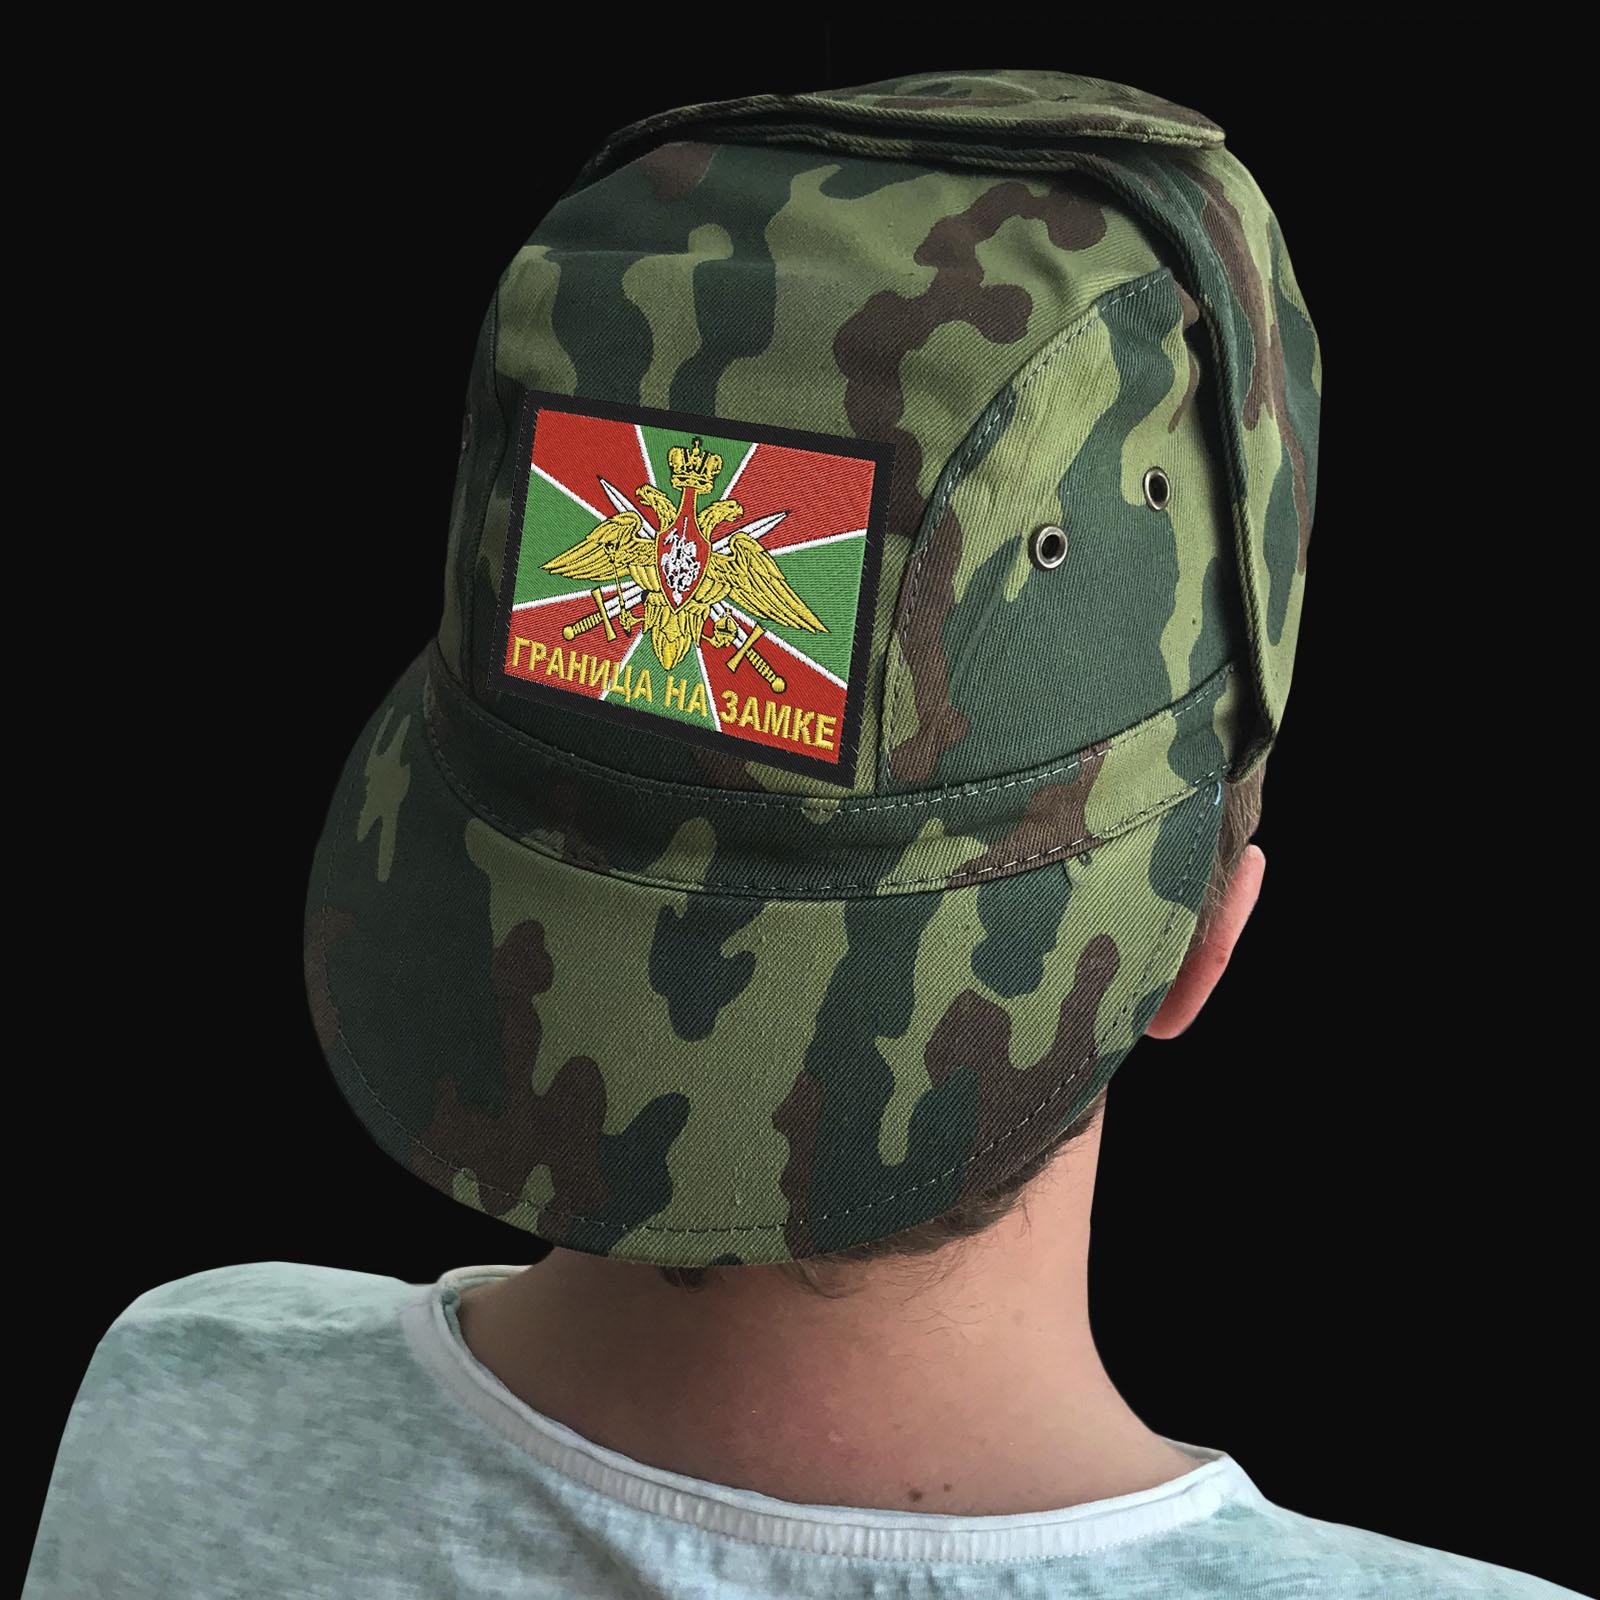 Пограничные кепки и другие товары в погран дизайне по цене производителя